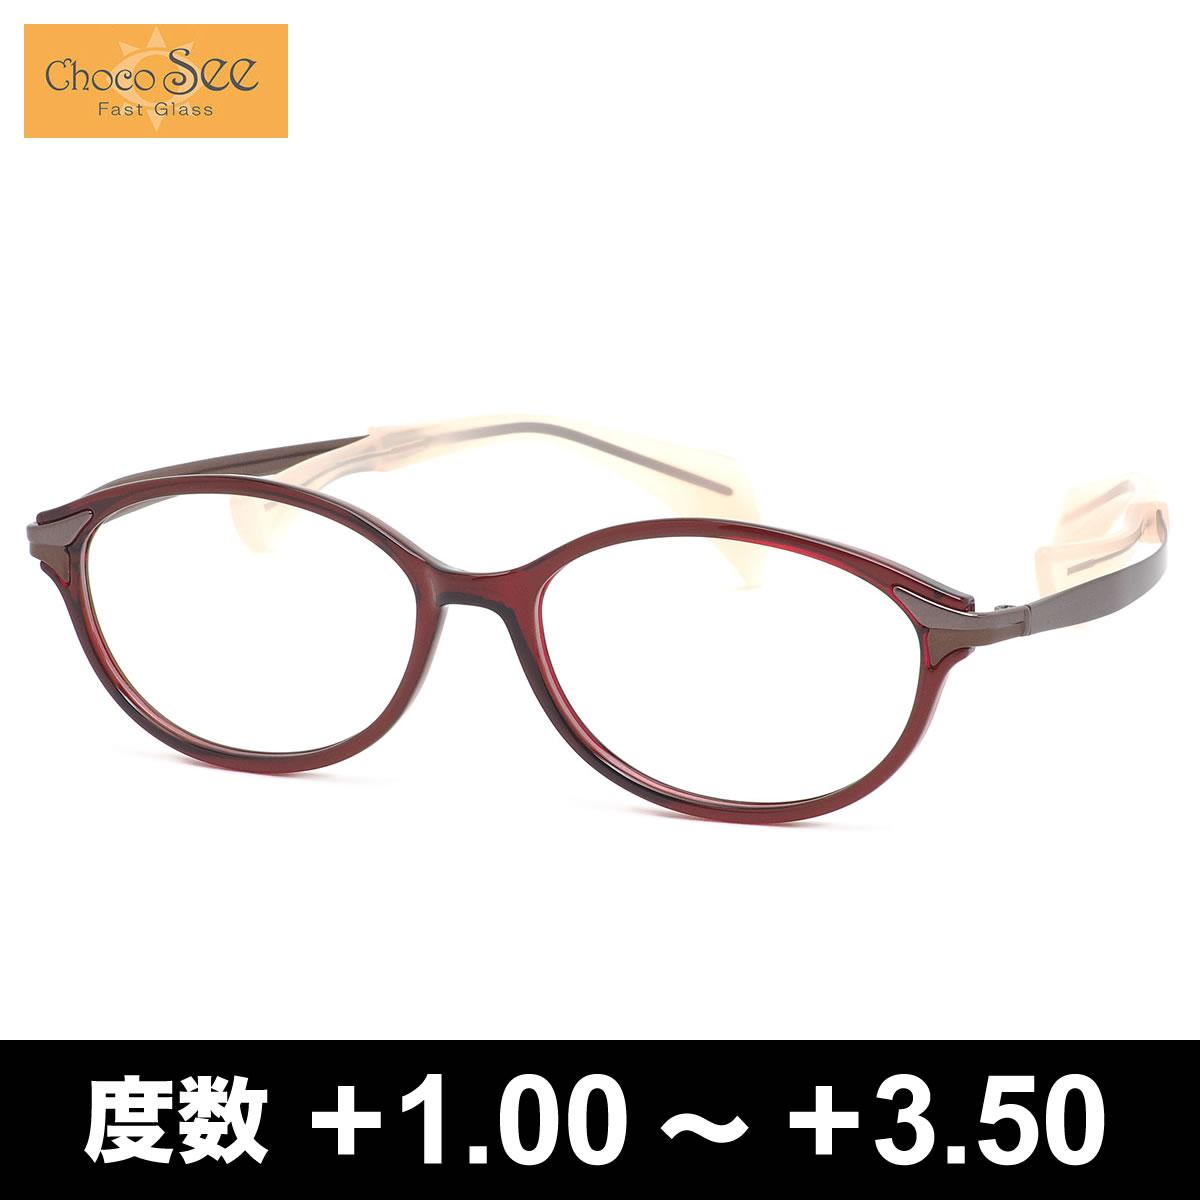 ほぼ全品ポイント15倍〜最大43倍!お得なクーポンも! ちょこシー スマート老眼鏡 +1.00〜+3.50 非球面 紫外線カットブルーライトカット ChocoSee FG24506 WI 52サイズ  鼻に跡がつかないメガネ チョコシー ちょこしー ベータチタン リーディンググラス [OS]